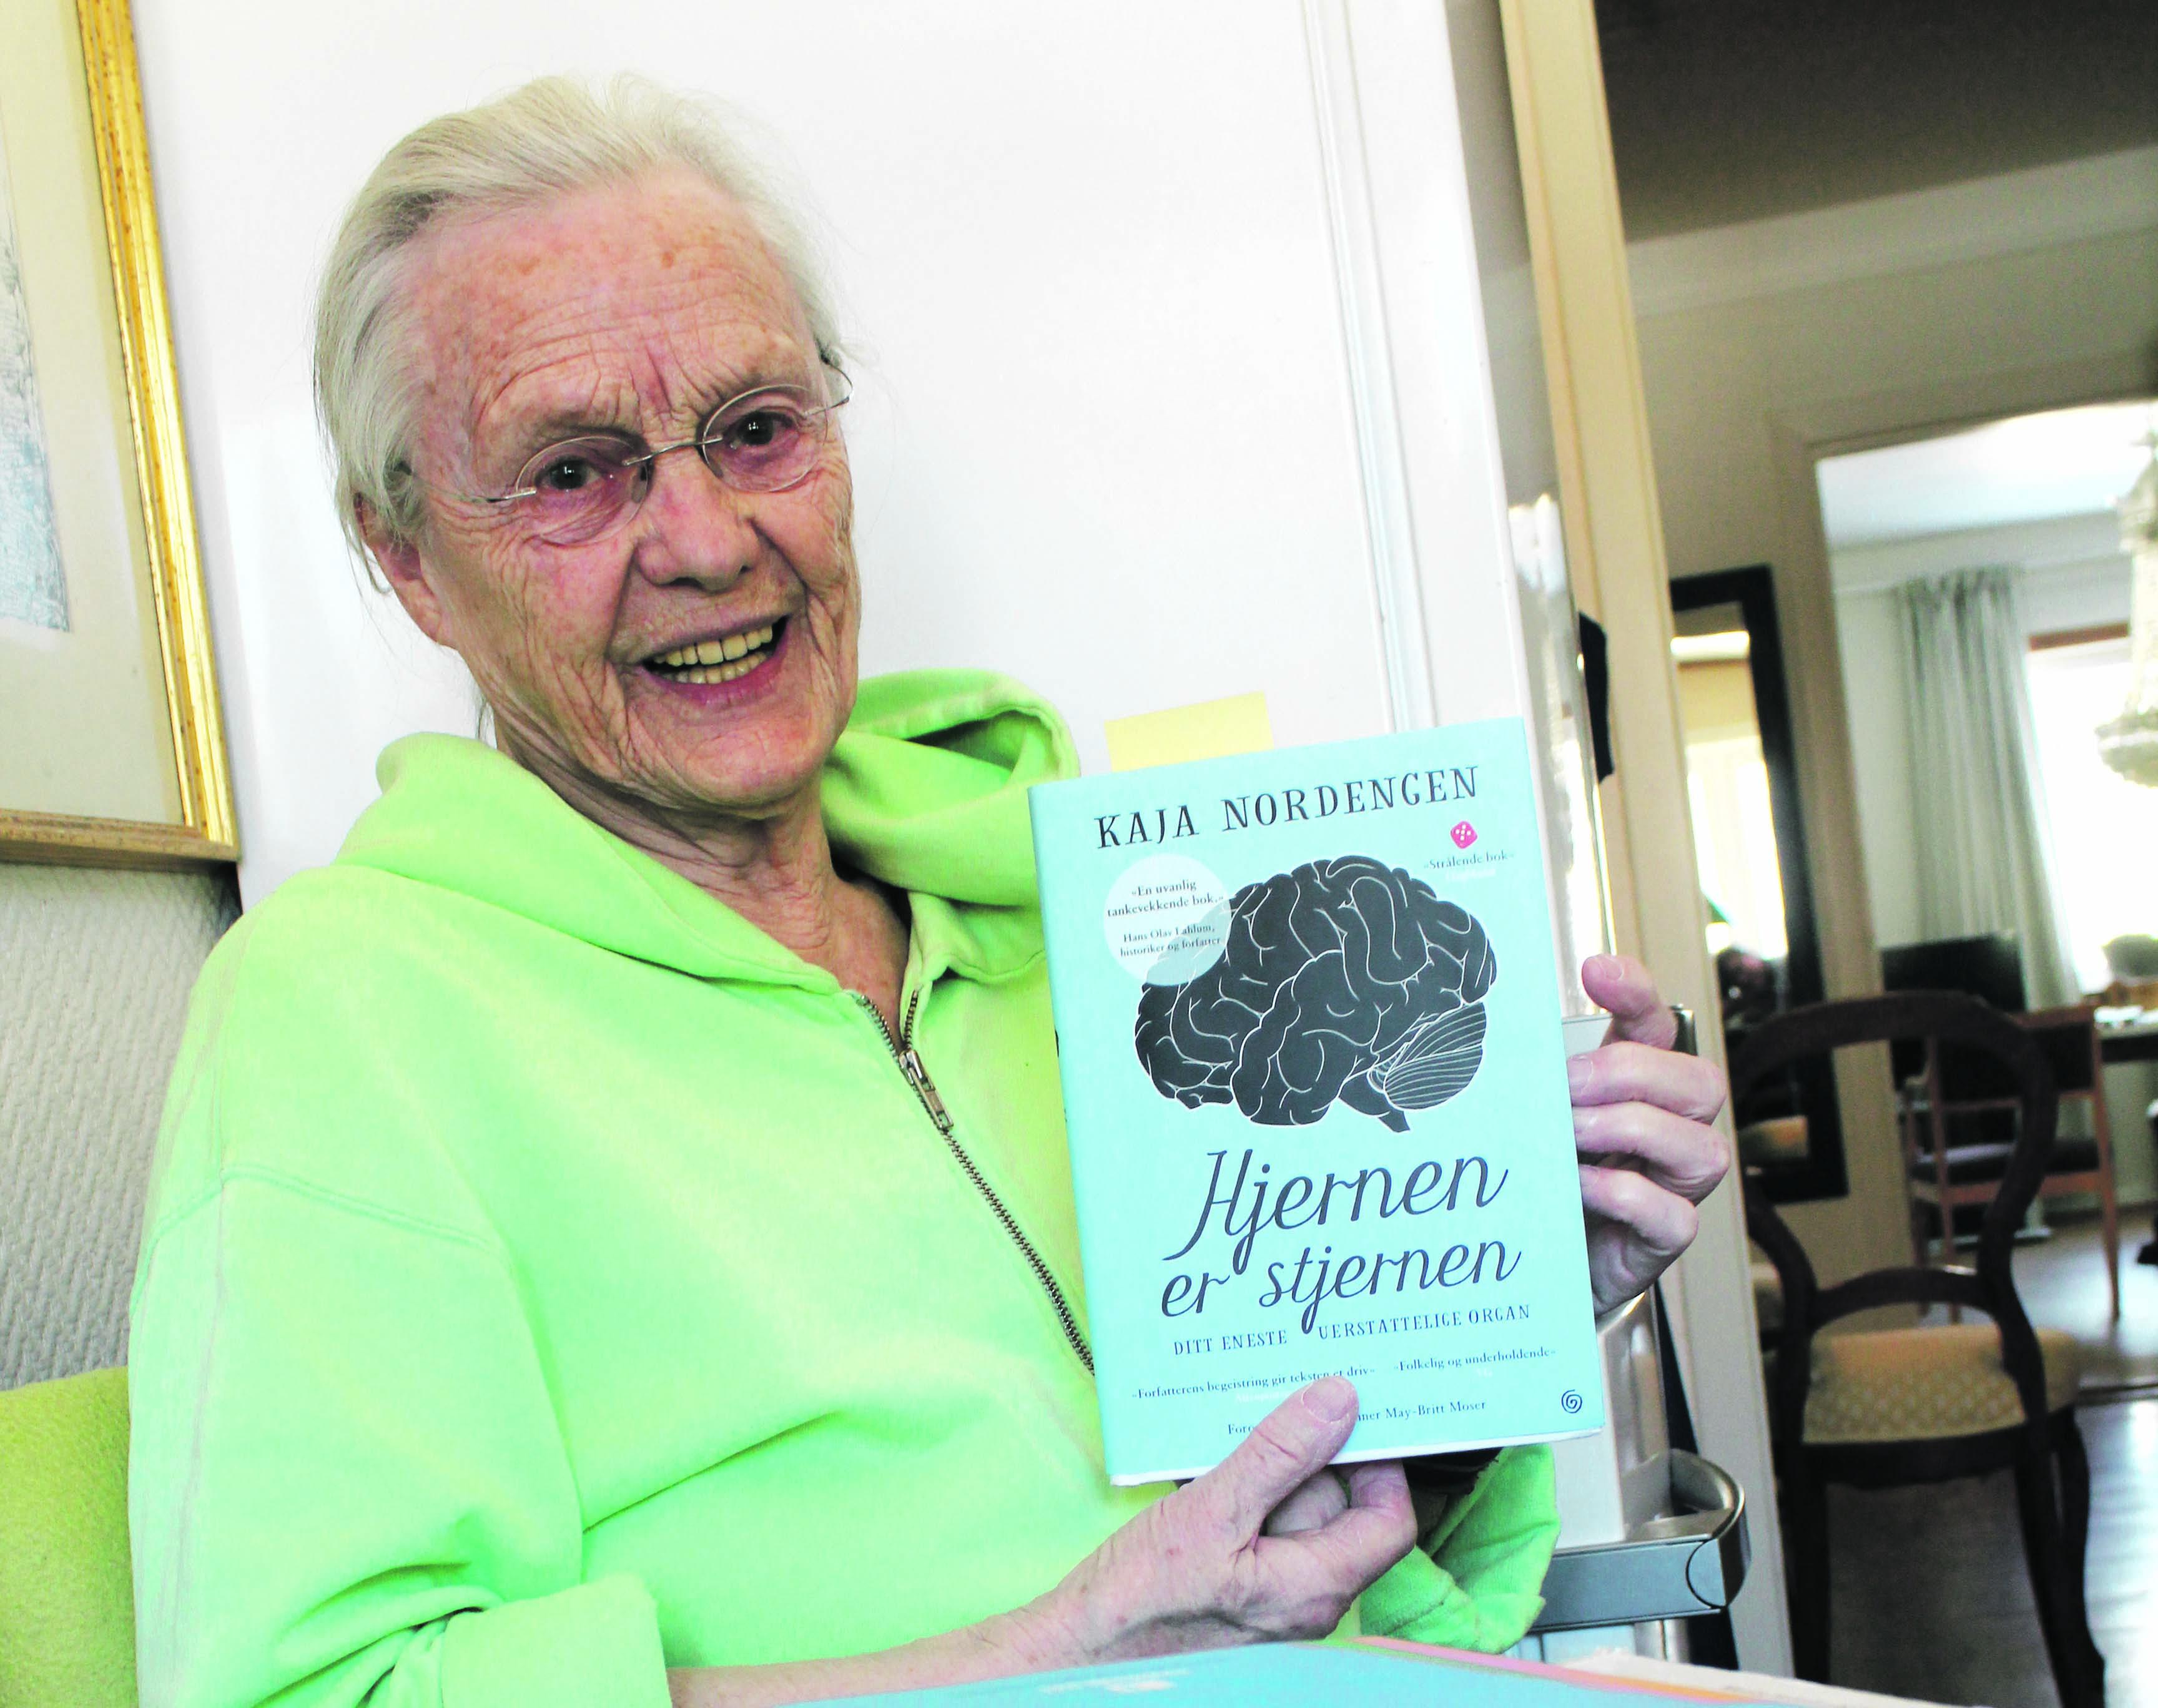 LESER IVEI: Magnhild Sitter På Kjøkkenet Og Leser Ivei.